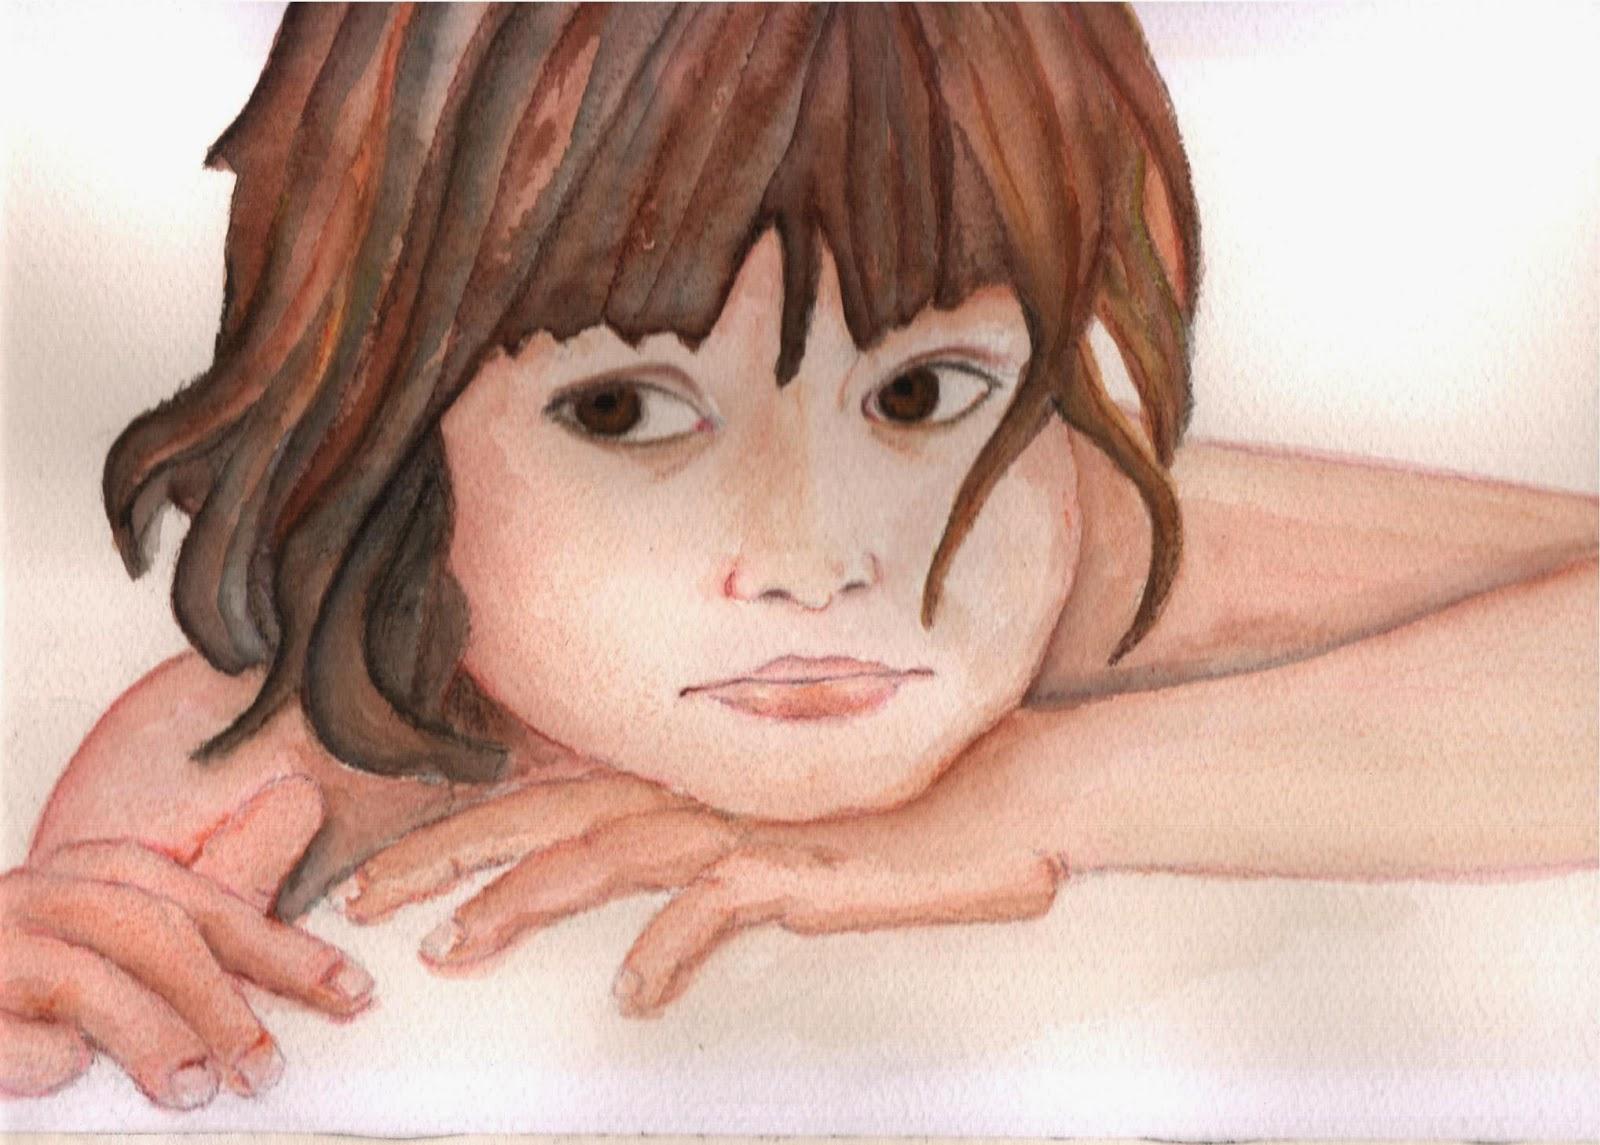 curso de dibujo y pintura Aula creativa docente